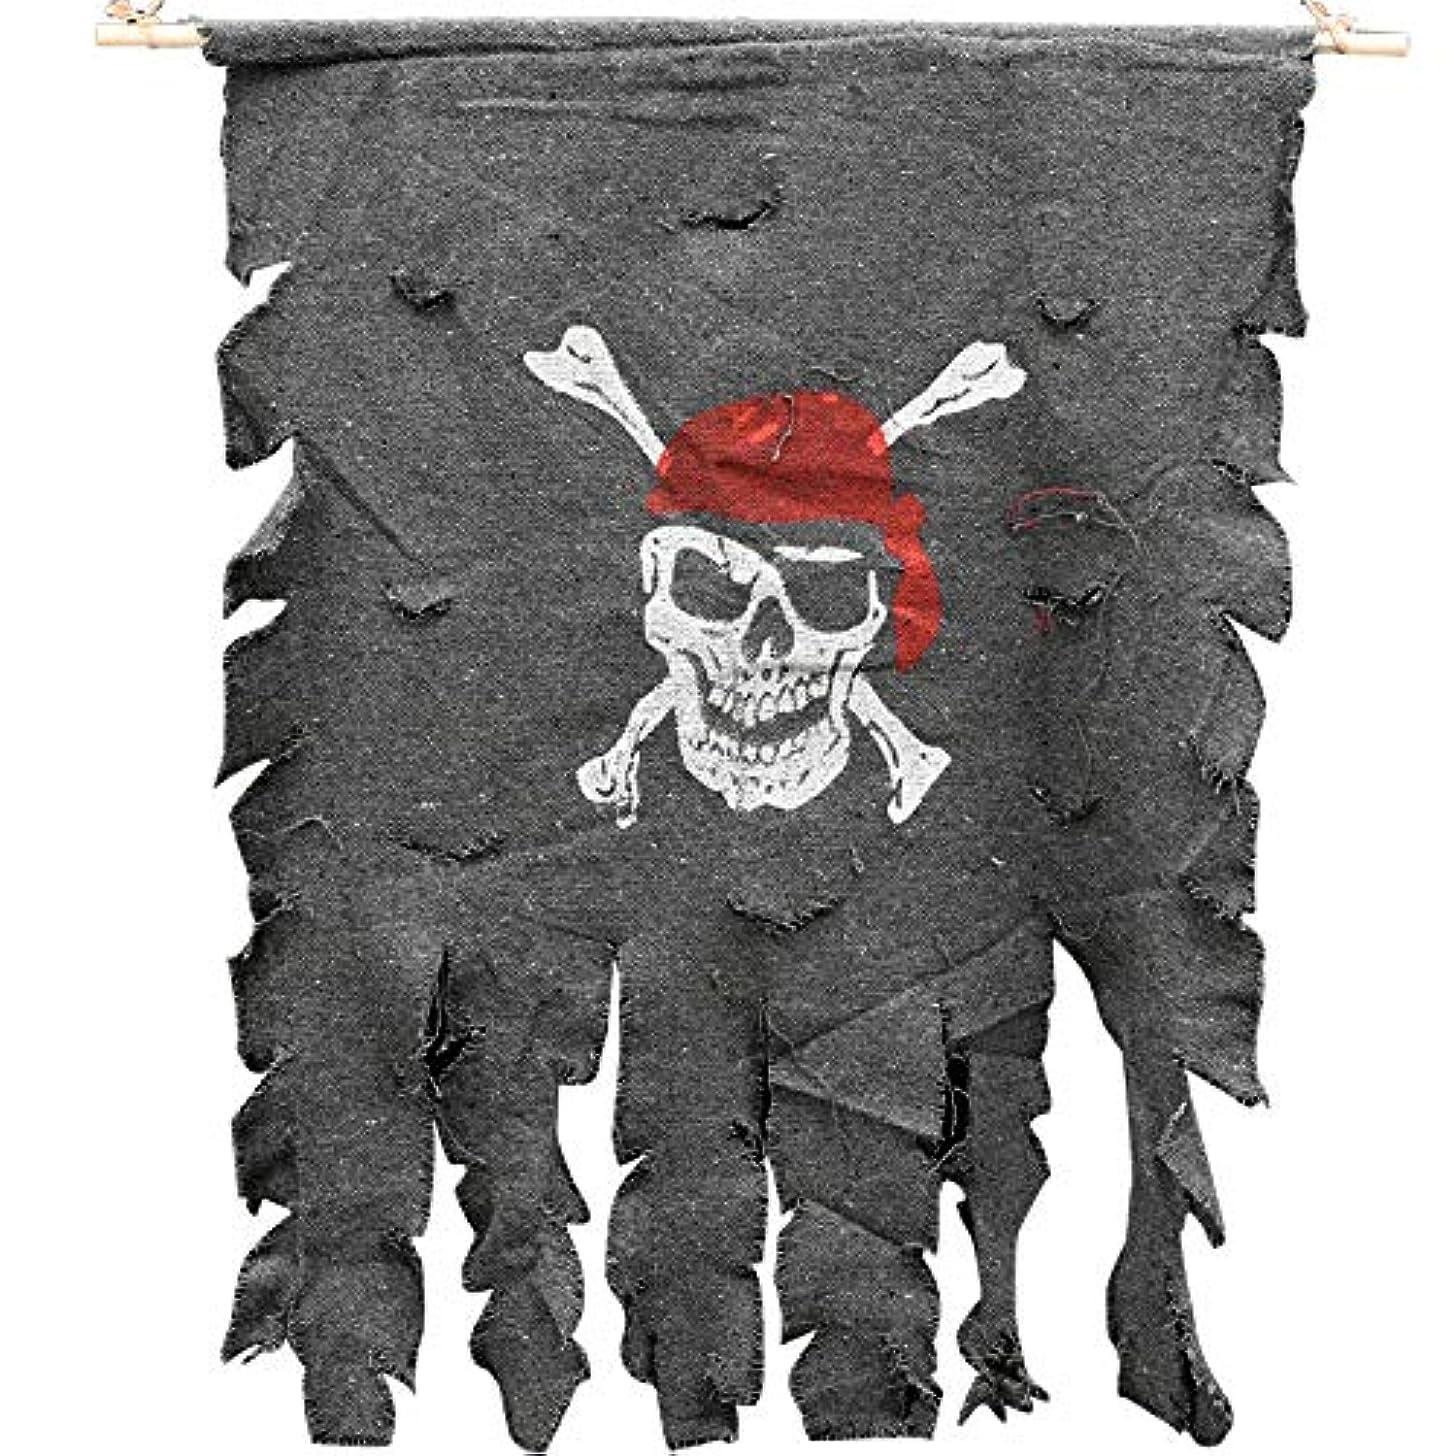 始まり家畜うっかりETRRUU HOME ハロウィンジョリーロジャー大パーティーデコレーションKTV旗バナーぶら下げ旗アレンジメントの小道具